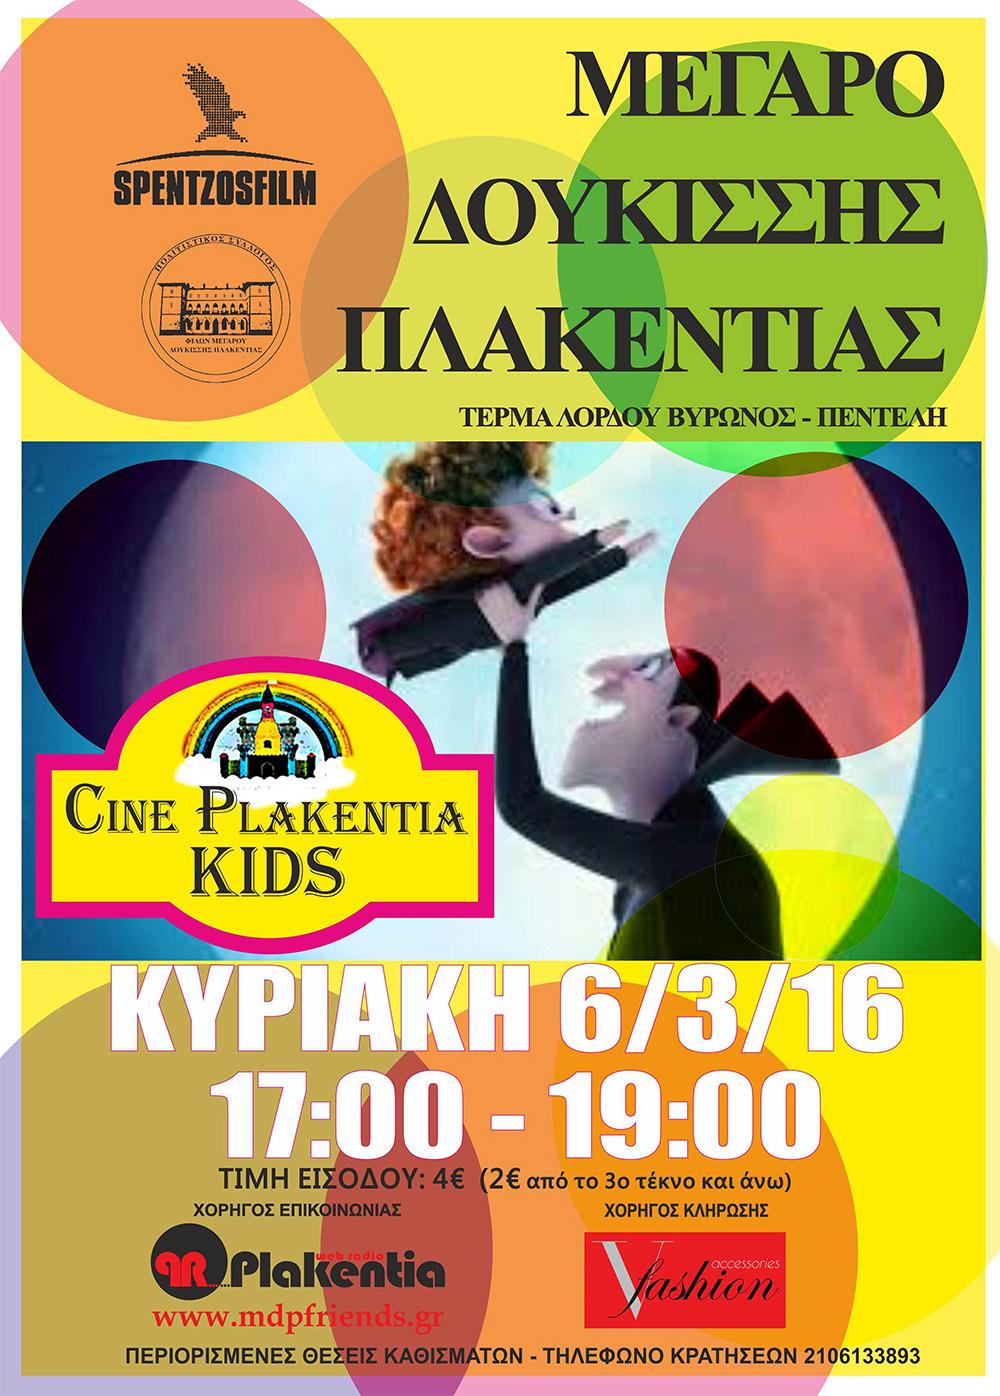 Ταινία για παιδιά 06-03-2016